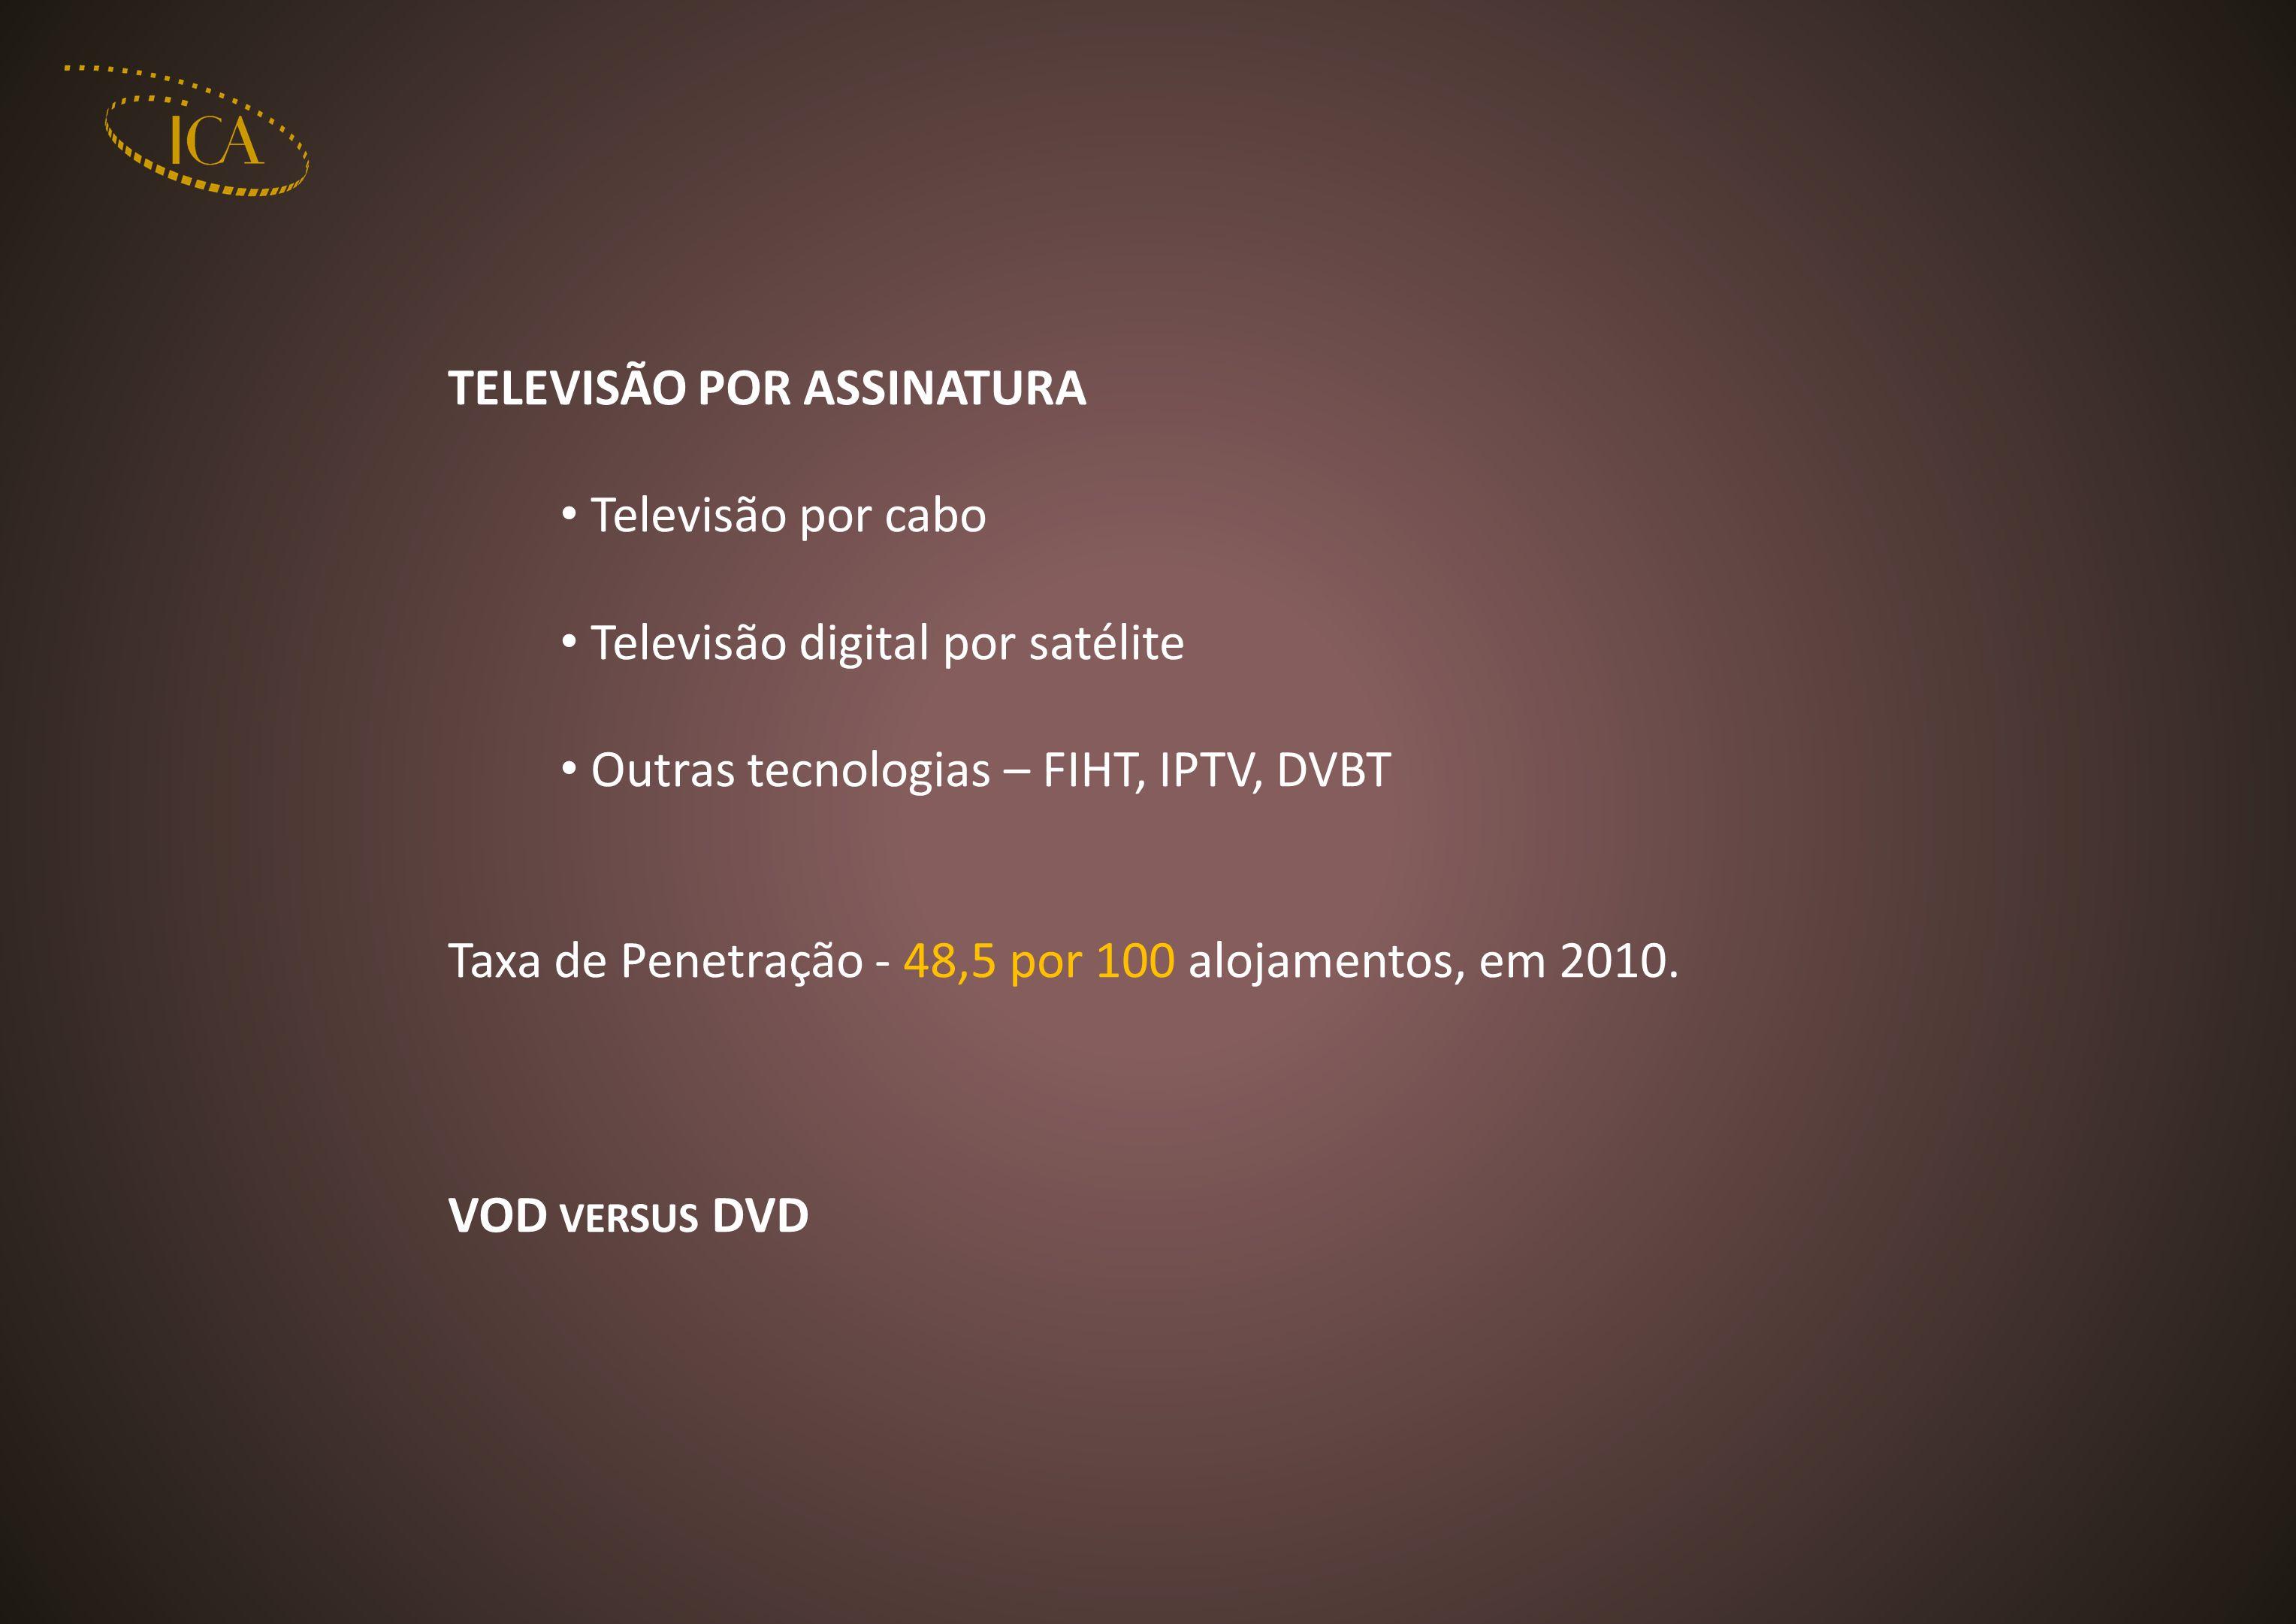 TELEVISÃO POR ASSINATURA Televisão por cabo Televisão digital por satélite Outras tecnologias – FIHT, IPTV, DVBT Taxa de Penetração - 48,5 por 100 alo